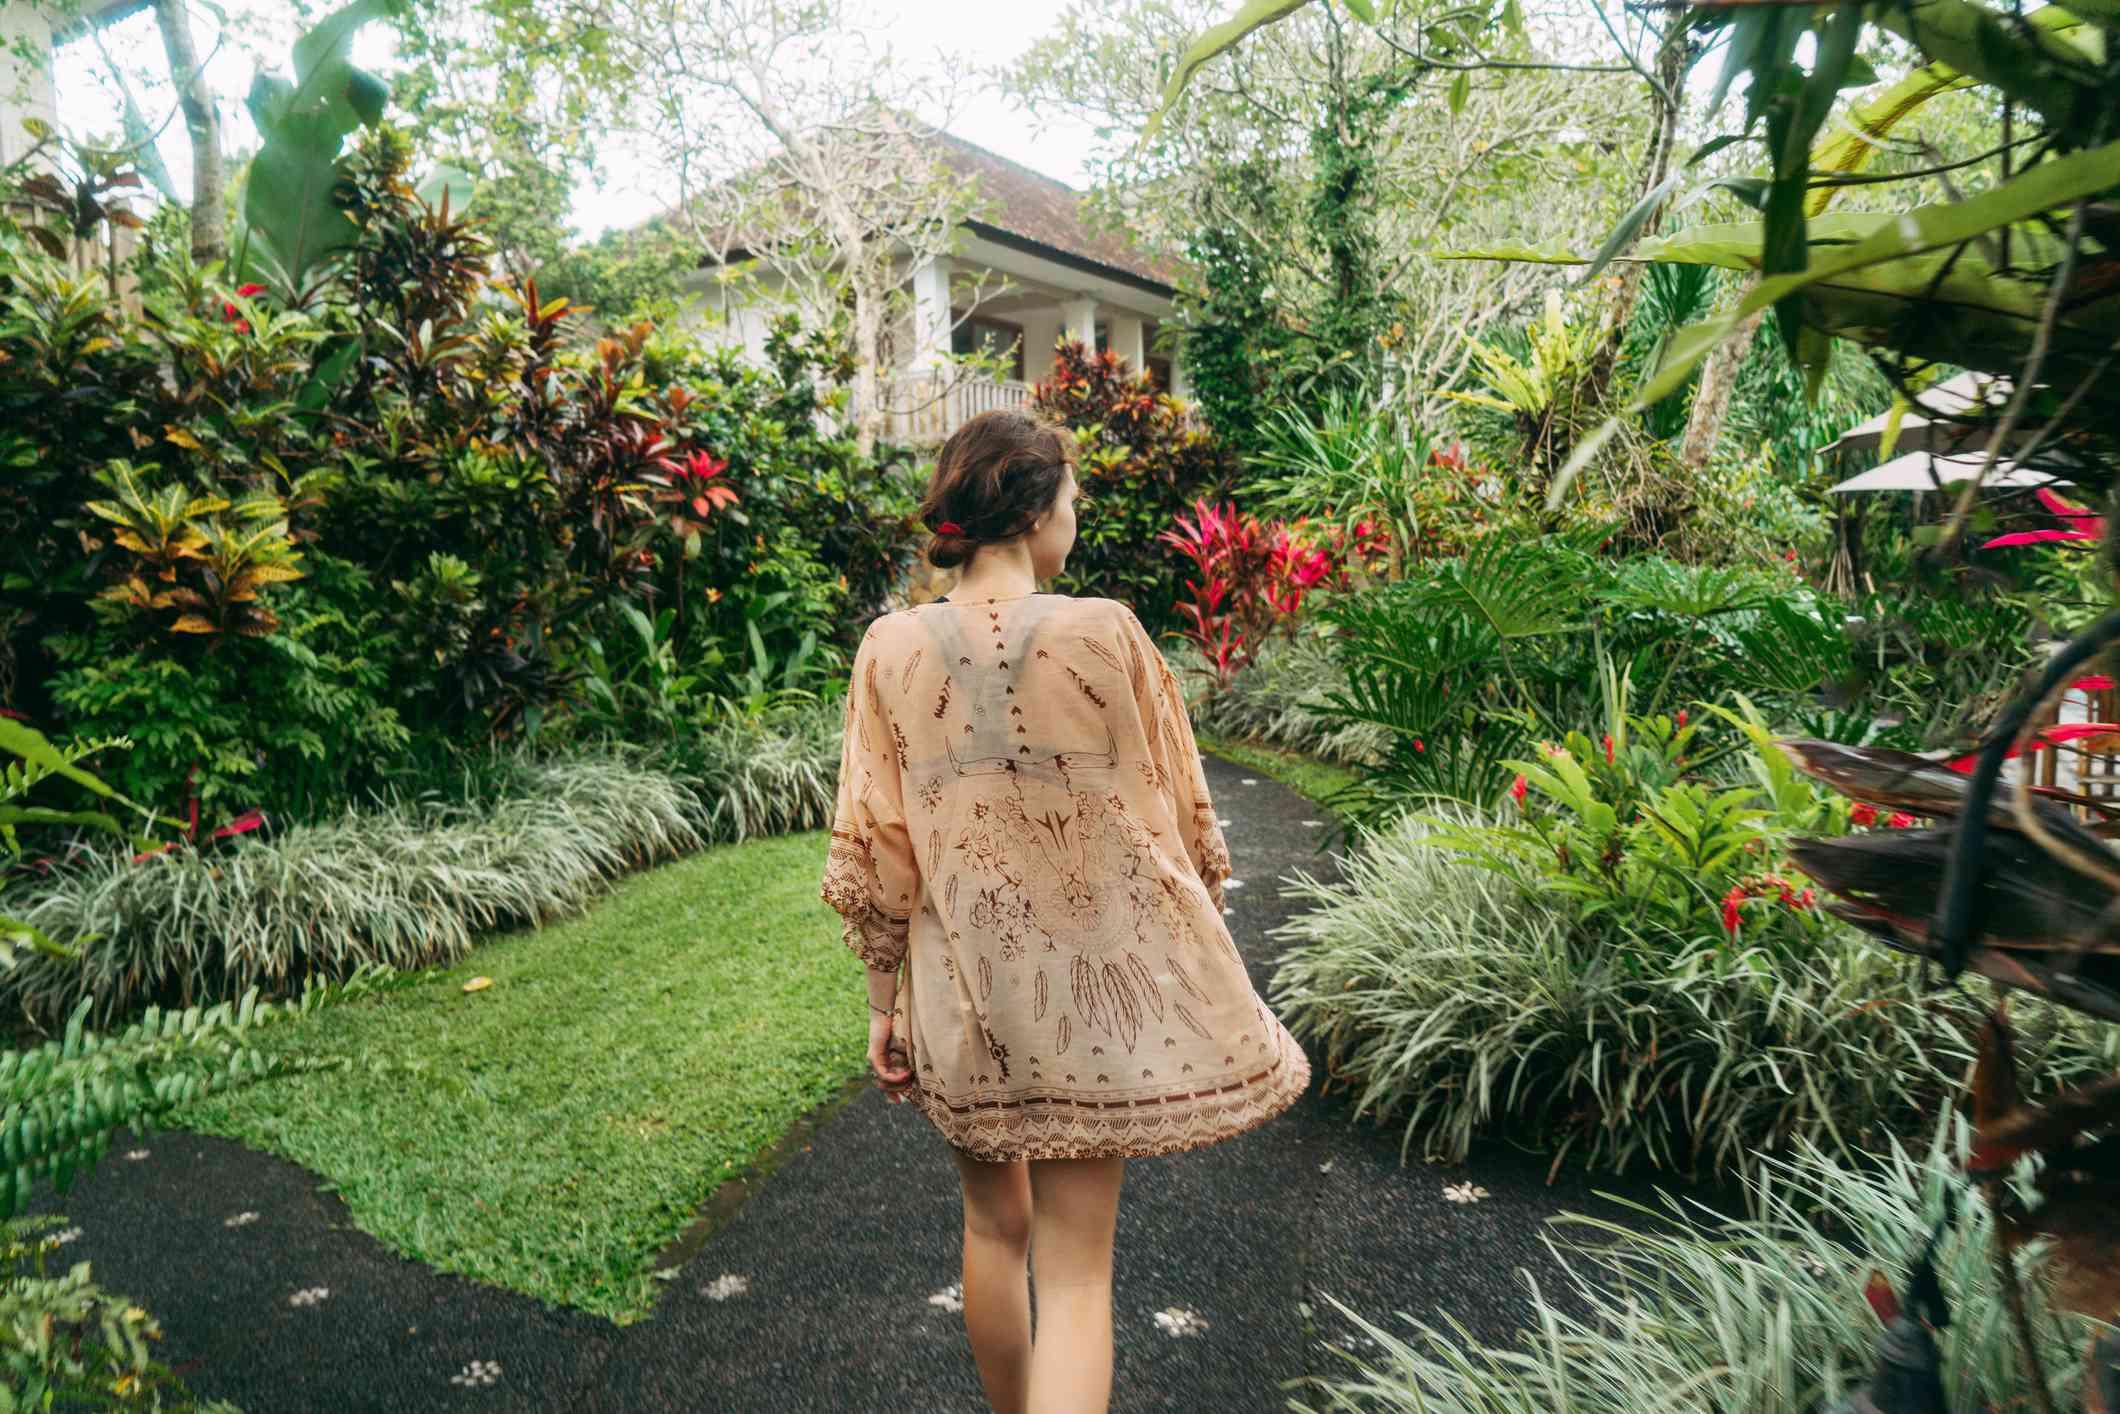 mujer en jardín tropical , biblioteca del vecindario